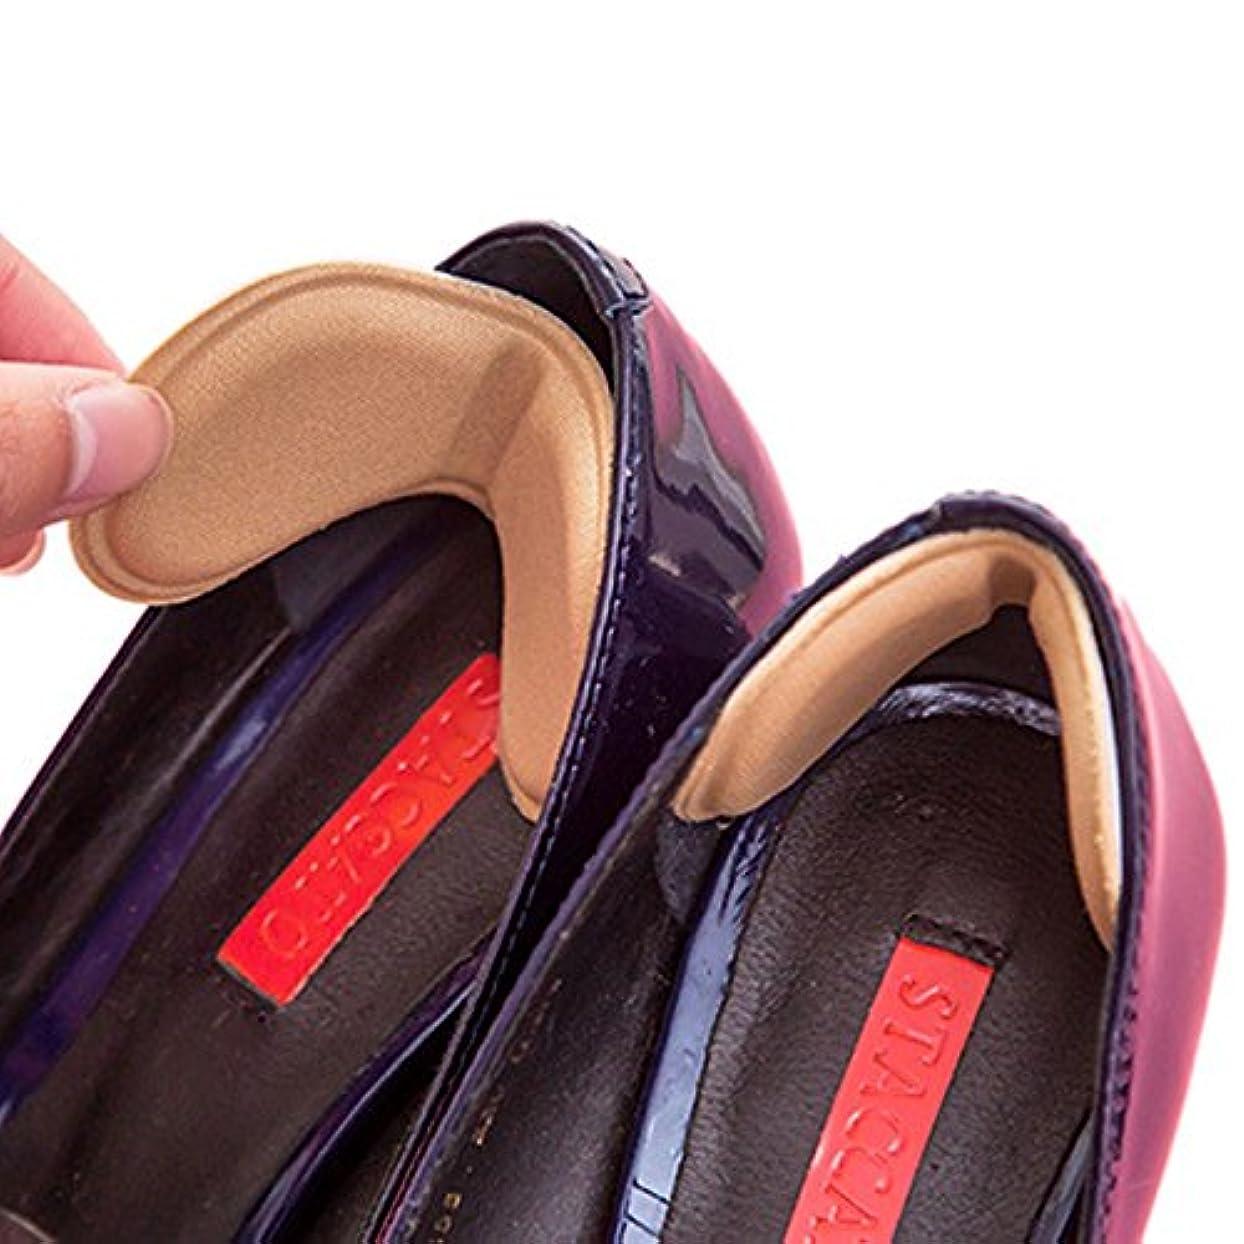 皮故障服を着る靴擦れ 半張りパッド 靴擦れ防止 防止かかと パカパカ防止 ハイヒール用 足裏保護 インソール 靴のサイズ調整 四組入り